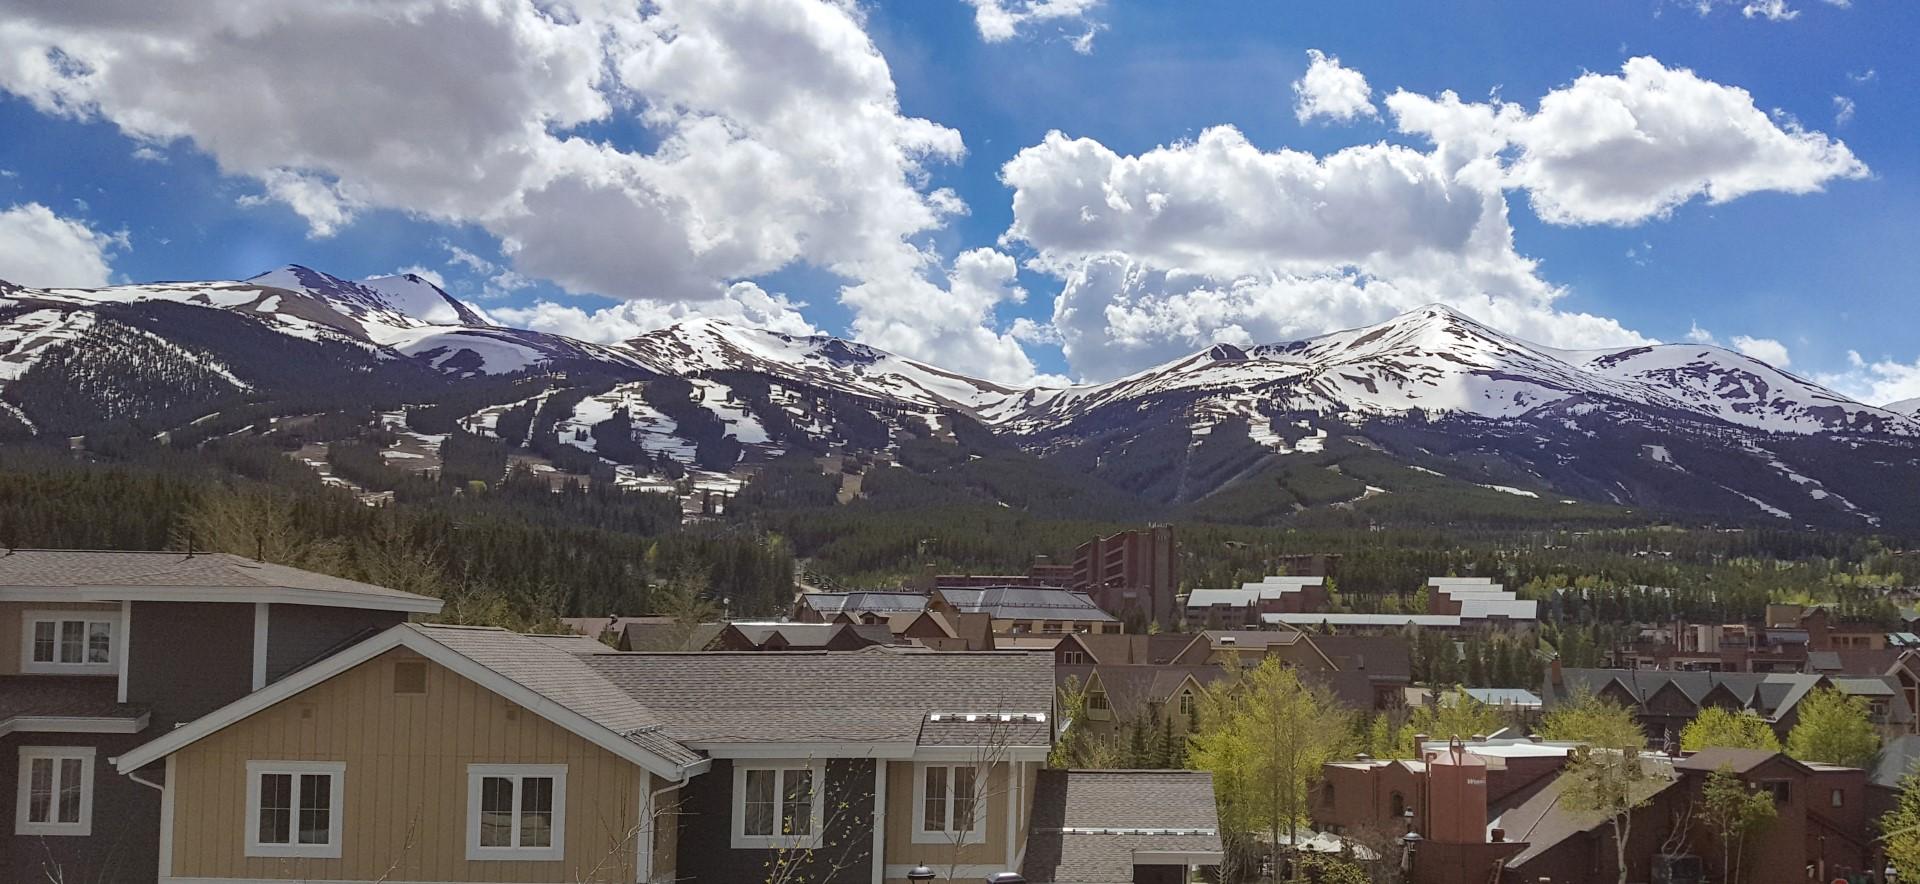 Breckenridge Colorado mountain view